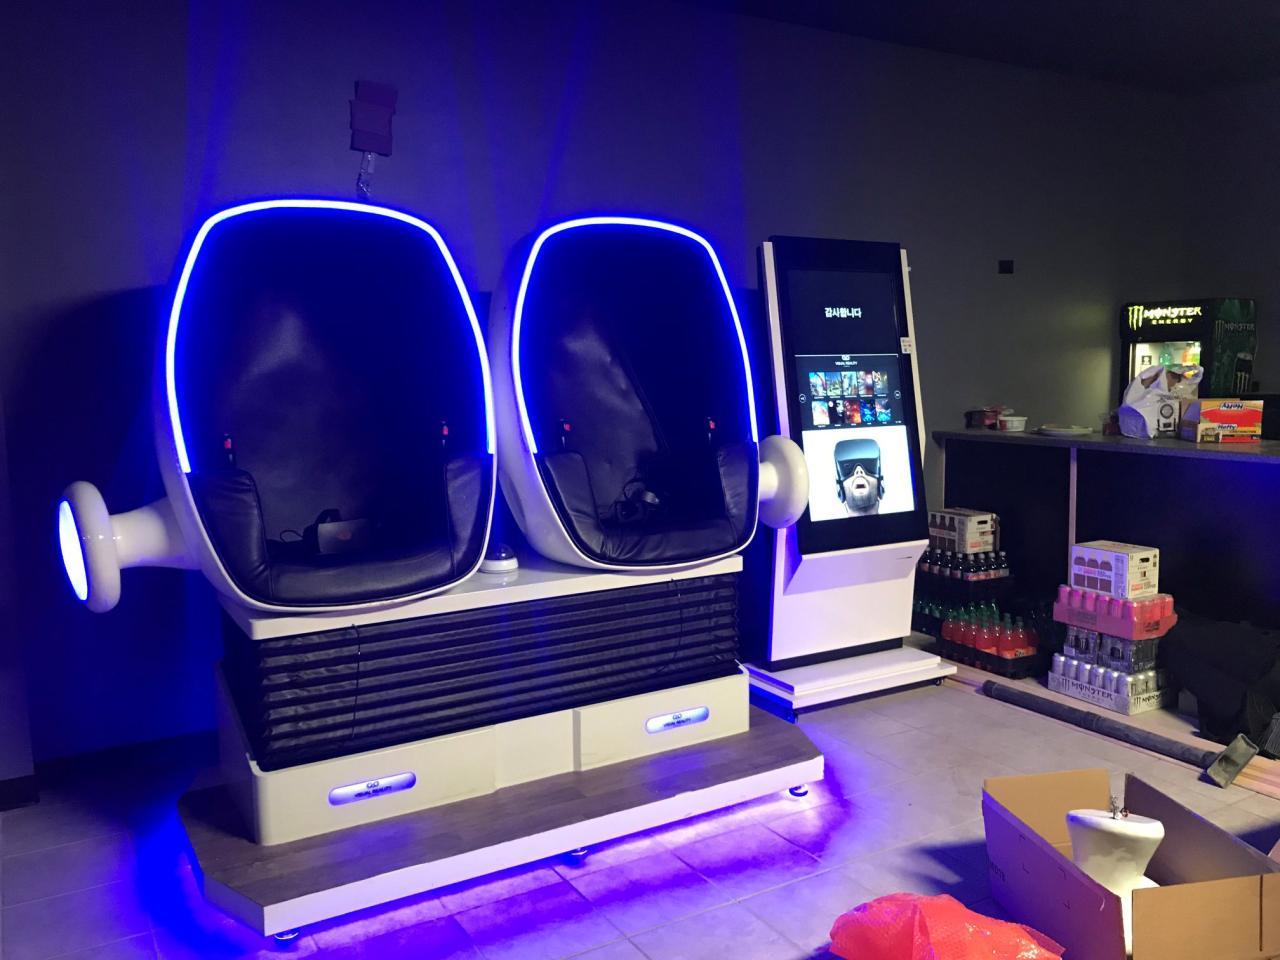 VR Pods